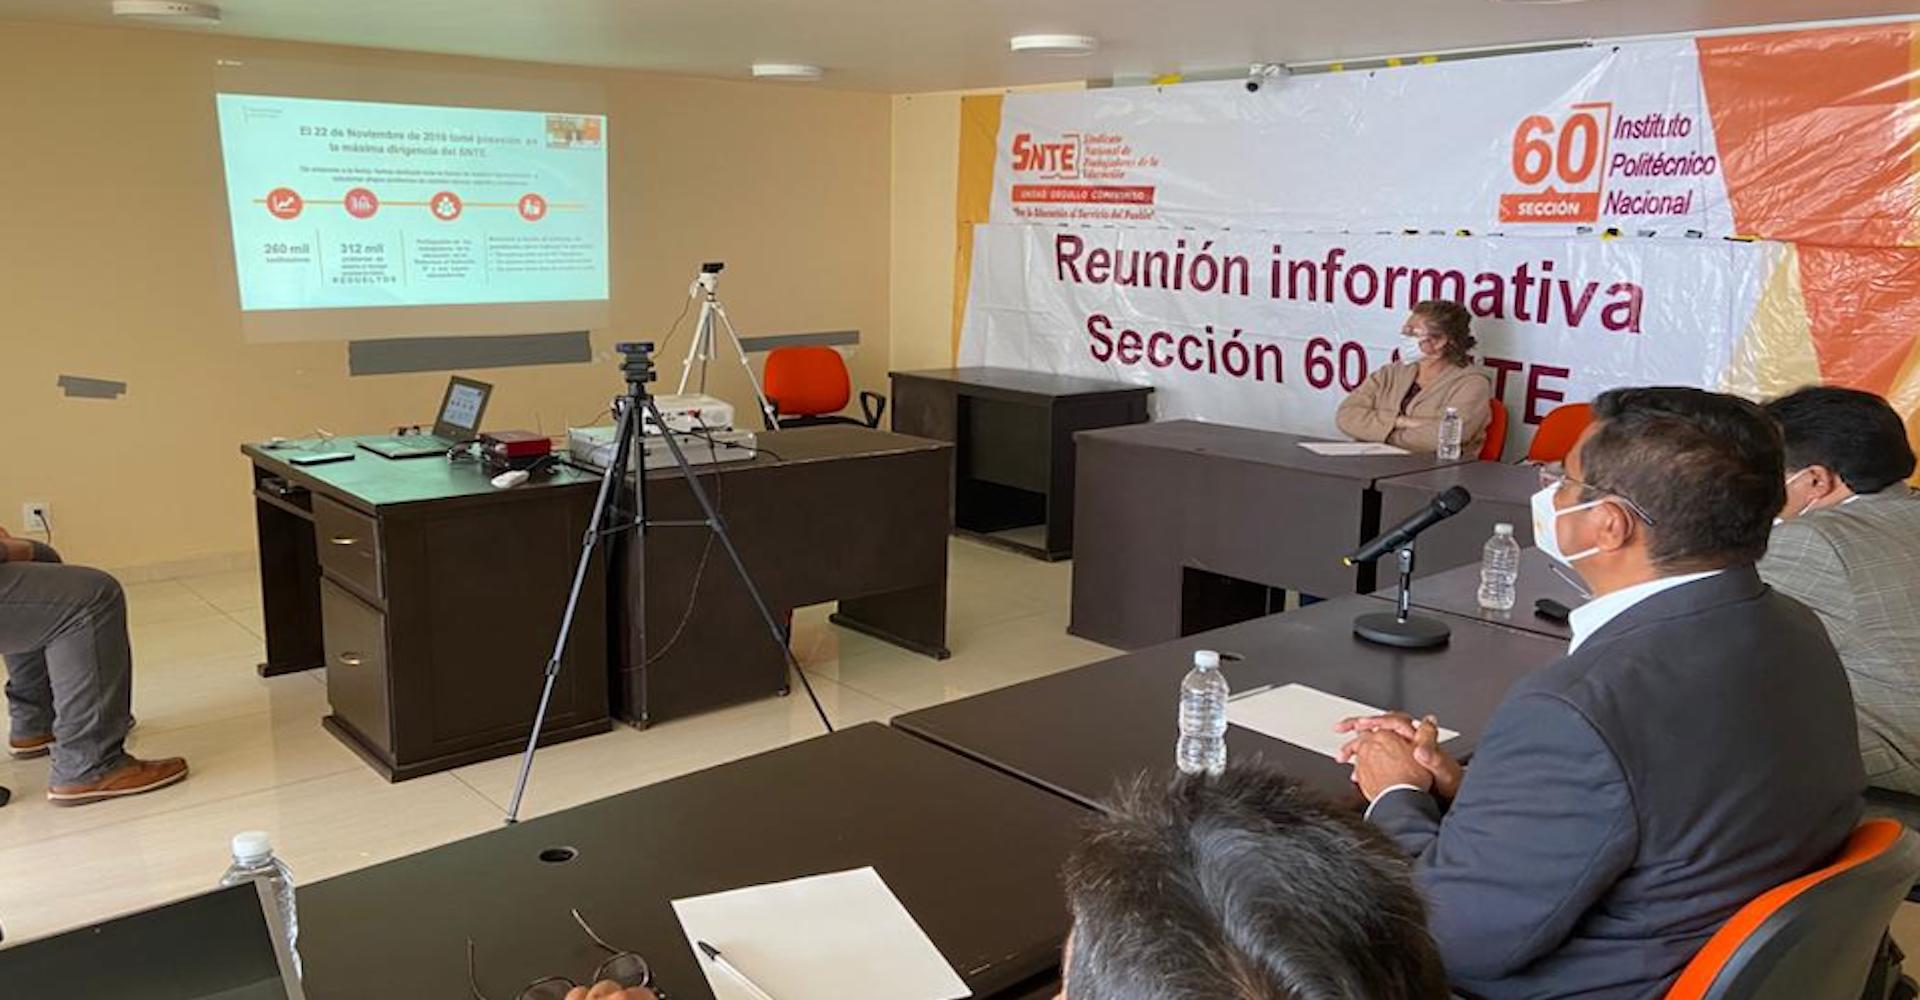 """Sección 60 presente en el Webinar """"Volver al Origen con Visión de Futuro""""."""